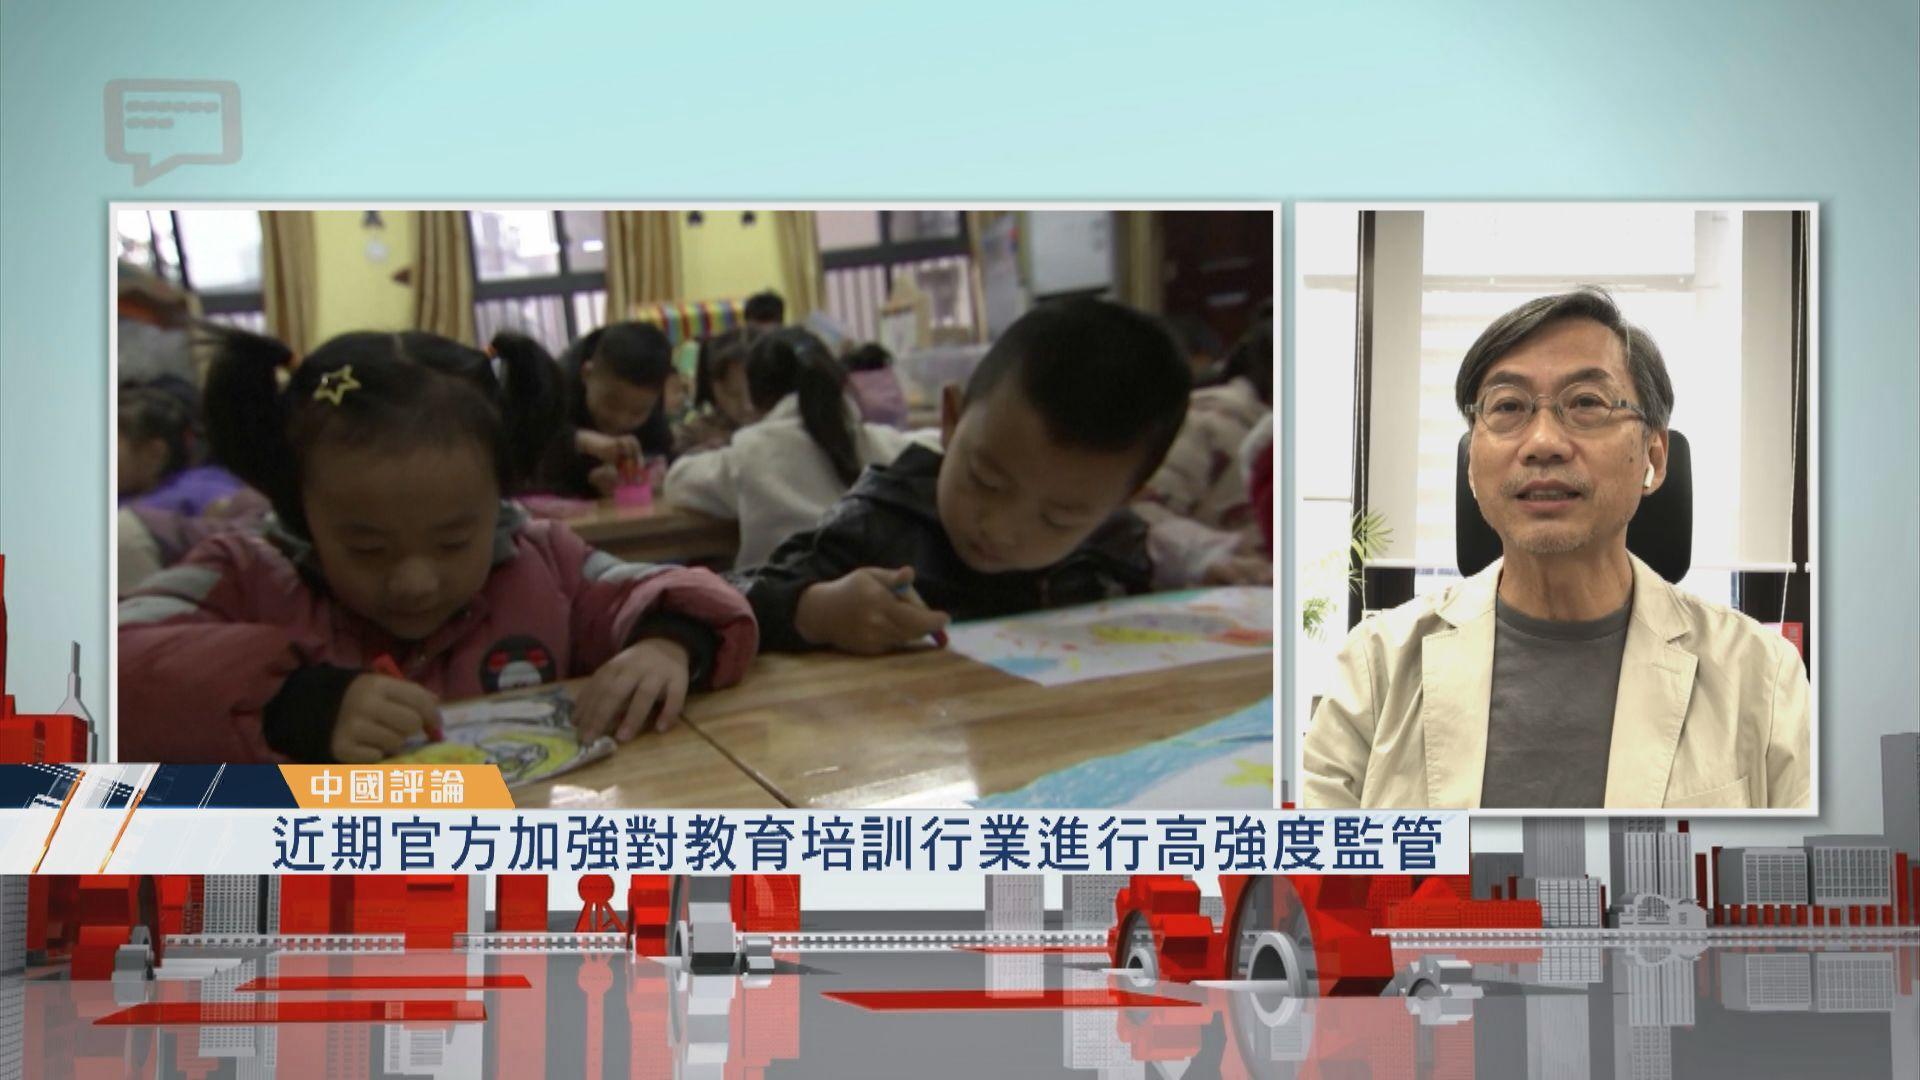 【中國評論】加強監管教育培訓行業/三孩政策